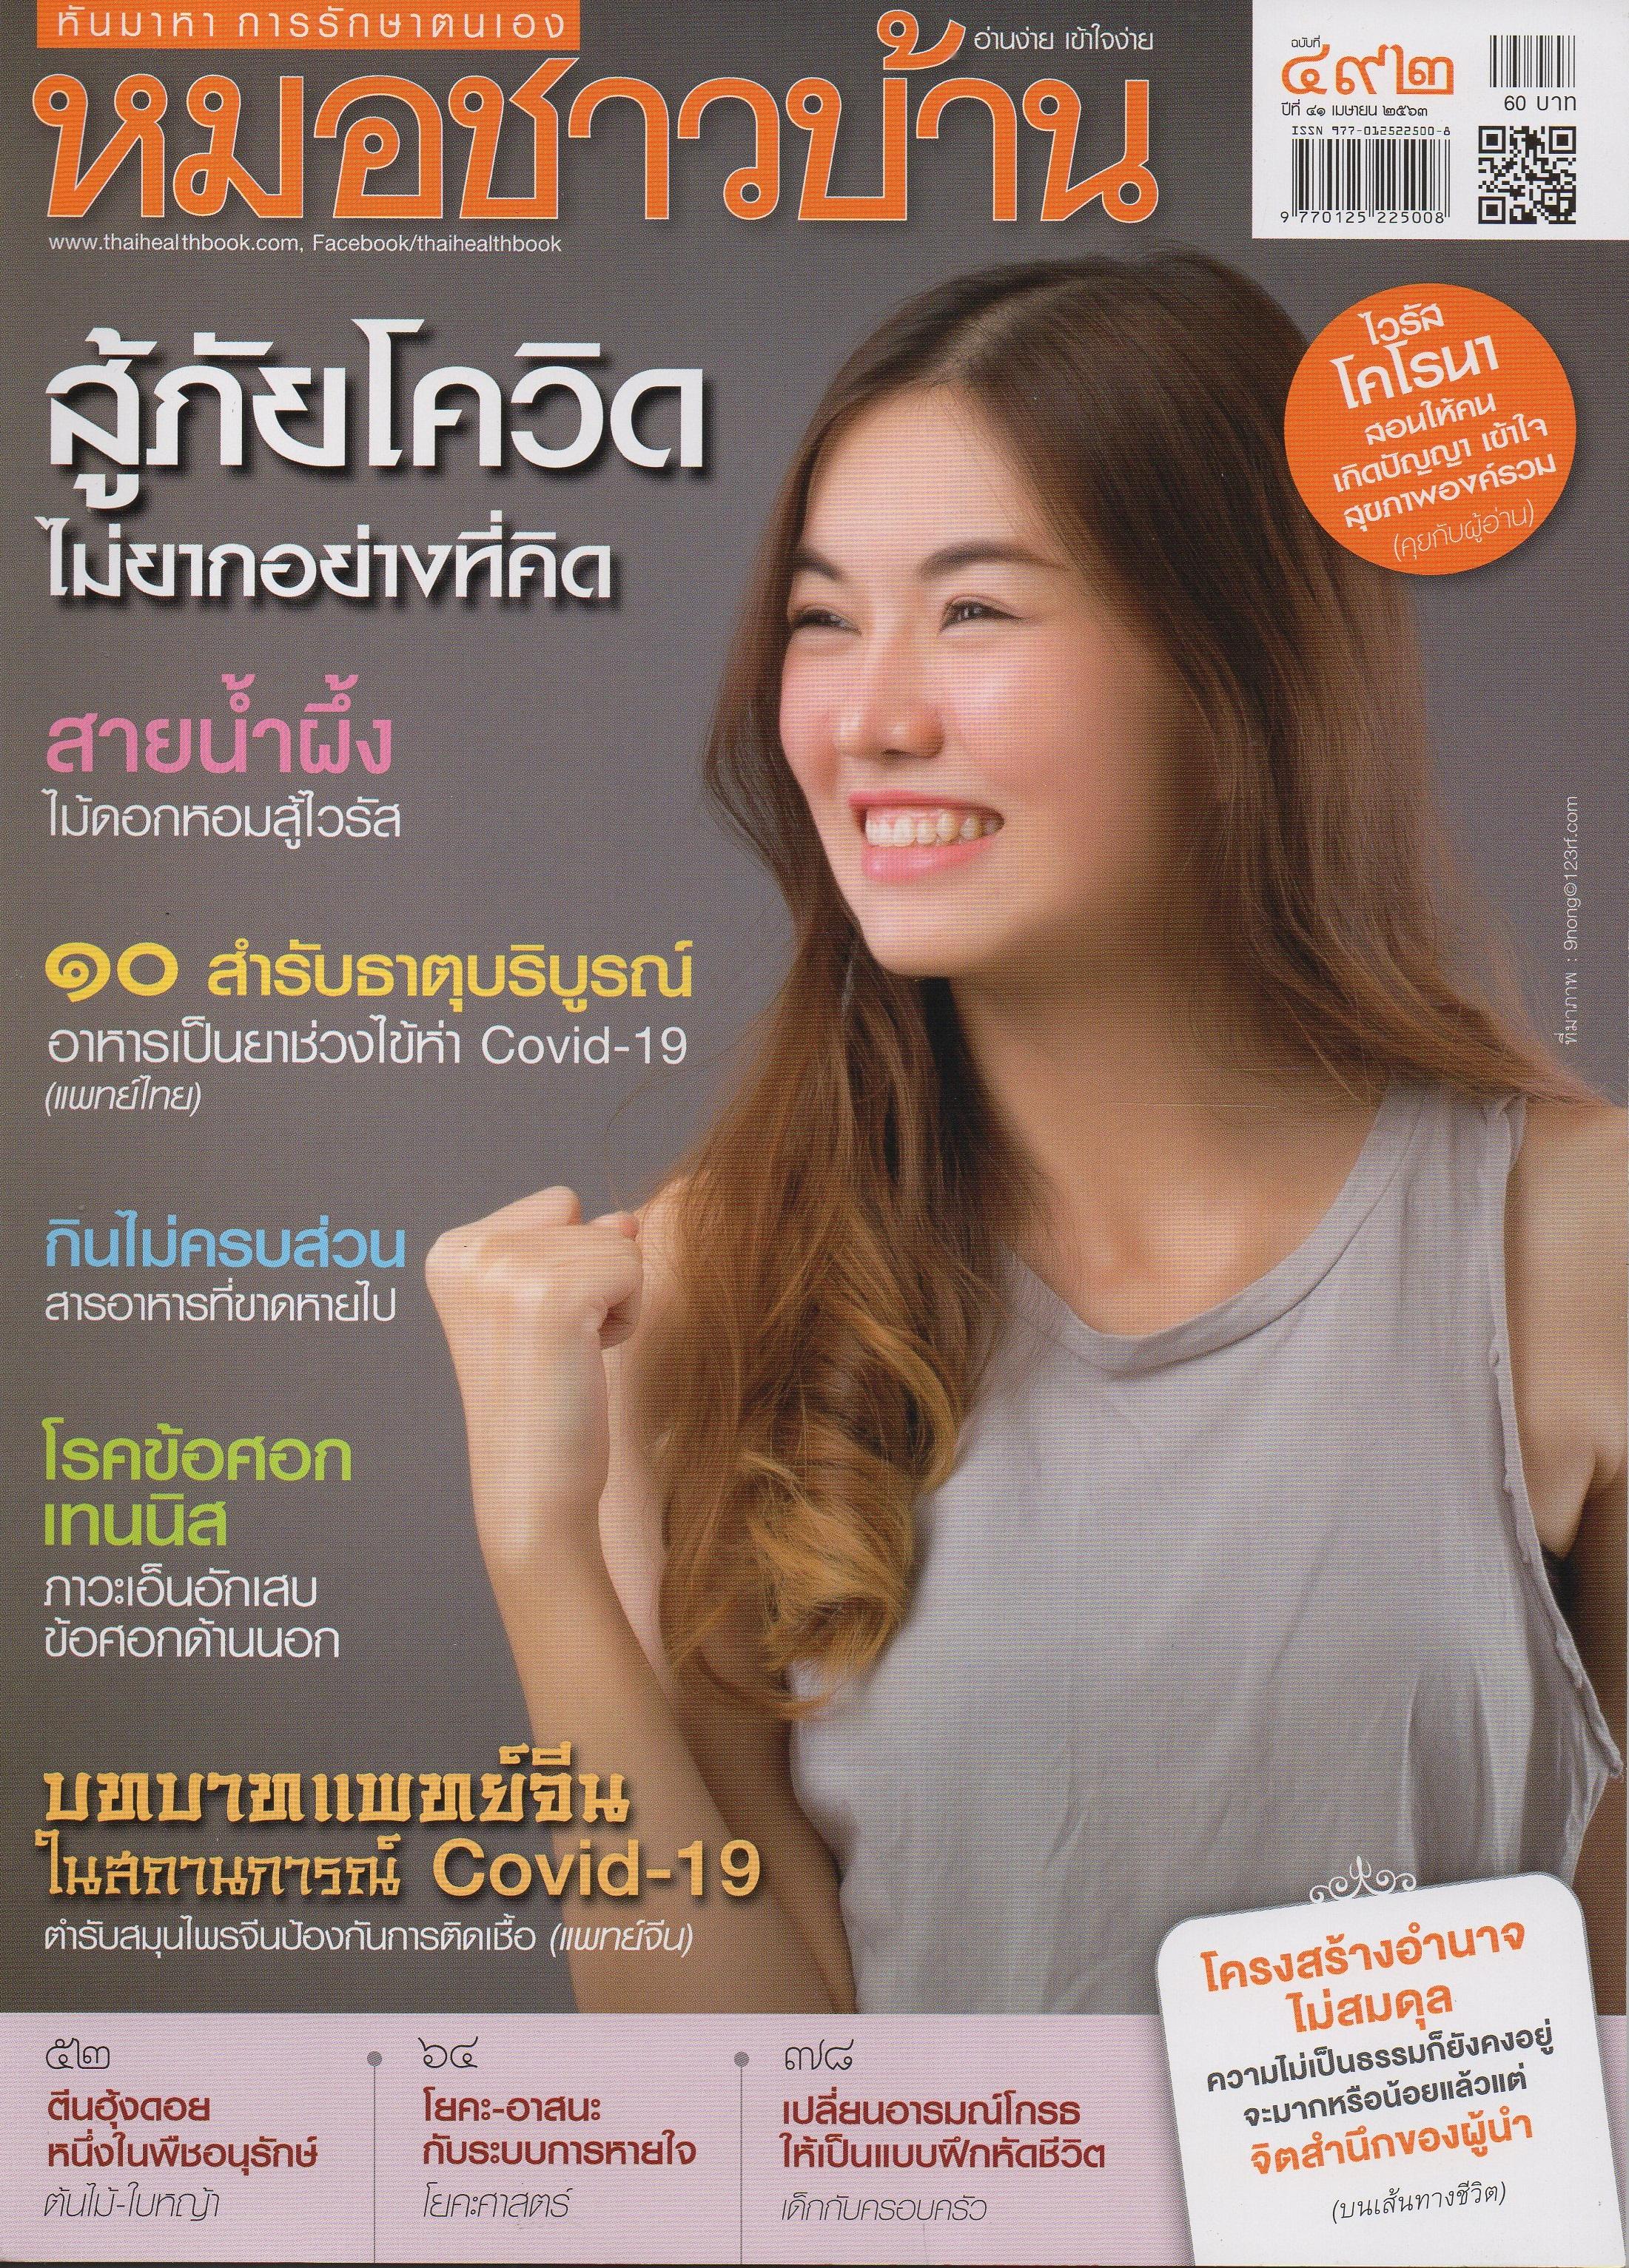 แนะนำวารสารใหม่ ประจำเดือนเมษายน  2563 ครั้งที่ 1